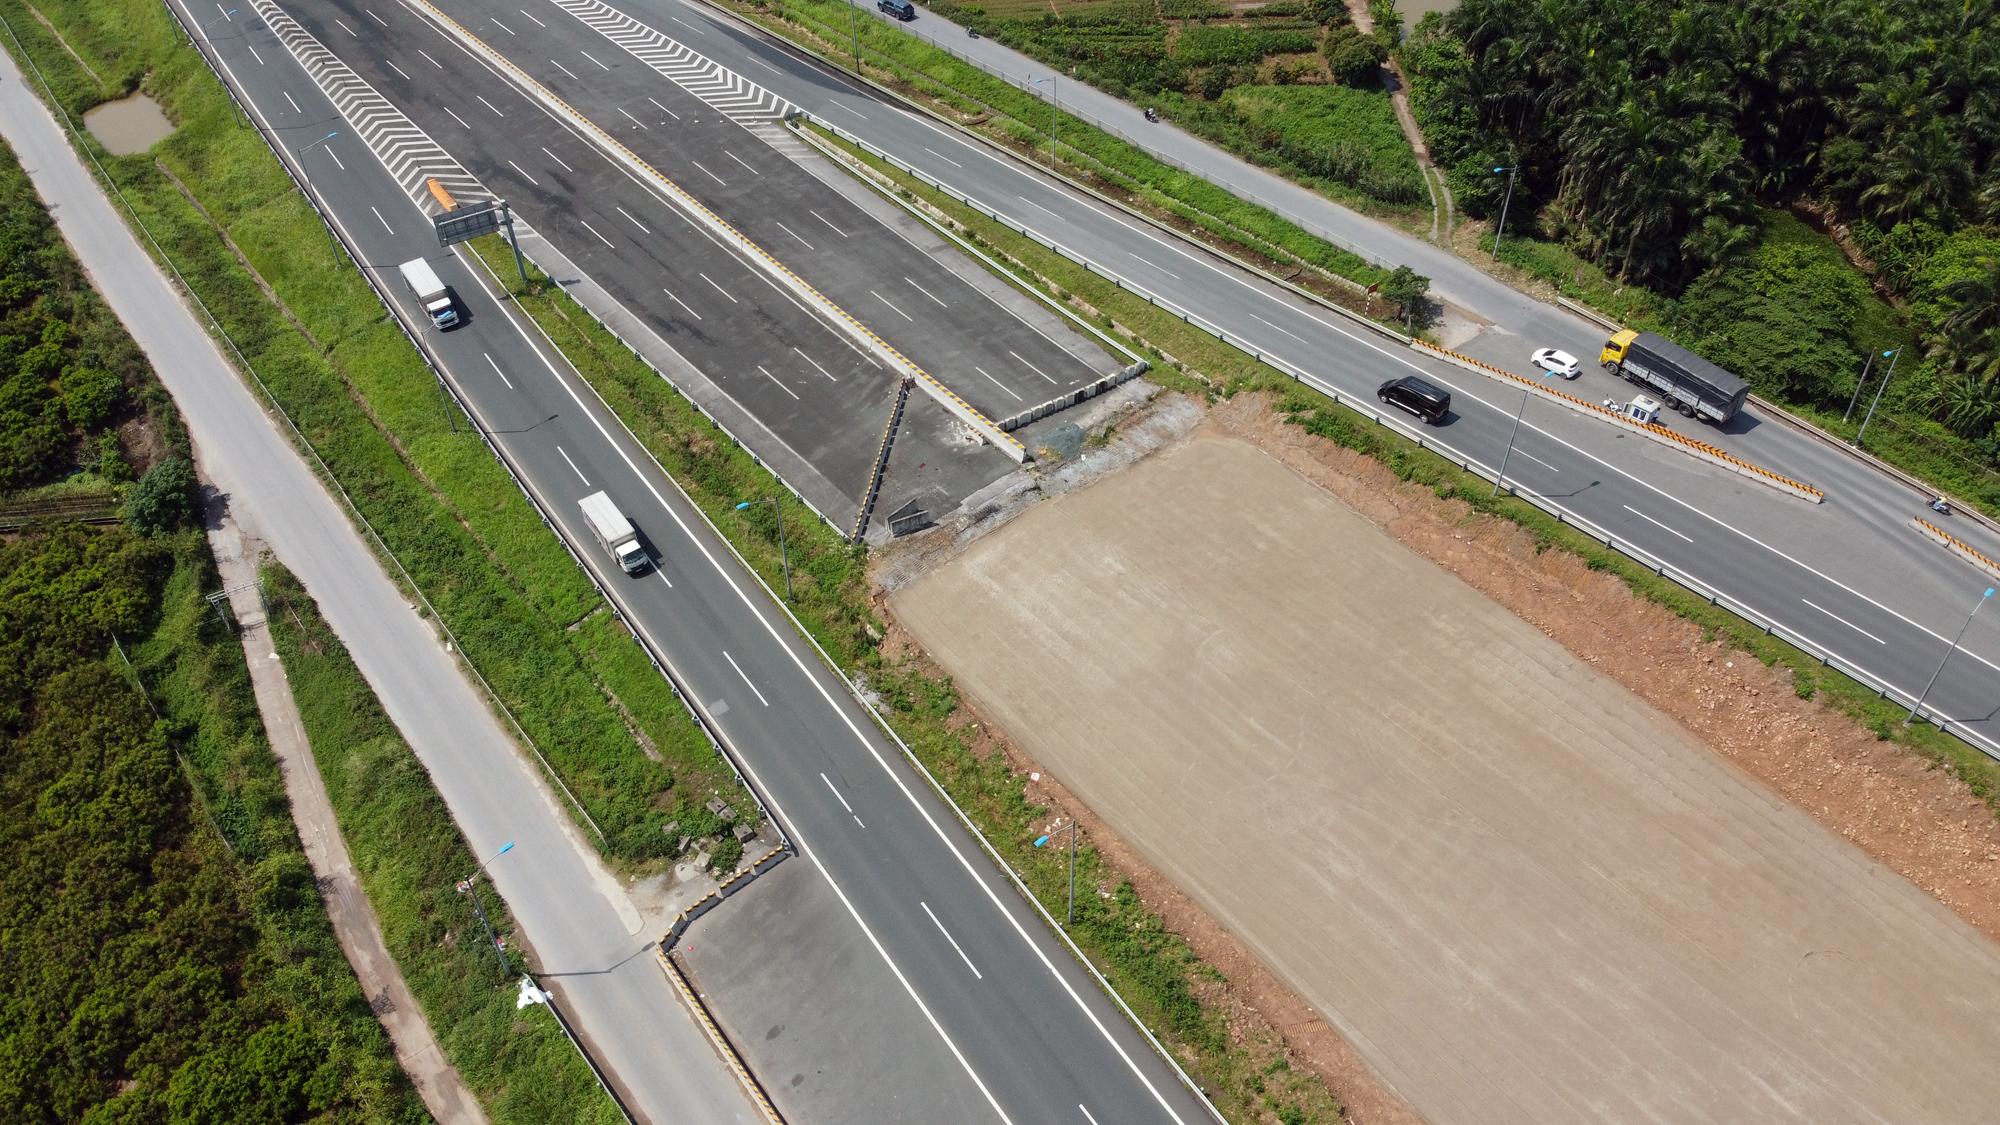 Toàn cảnh dự án xây dựng nút giao Vành đai 3 với cao tốc Hà Nội - Hải Phòng - Ảnh 7.